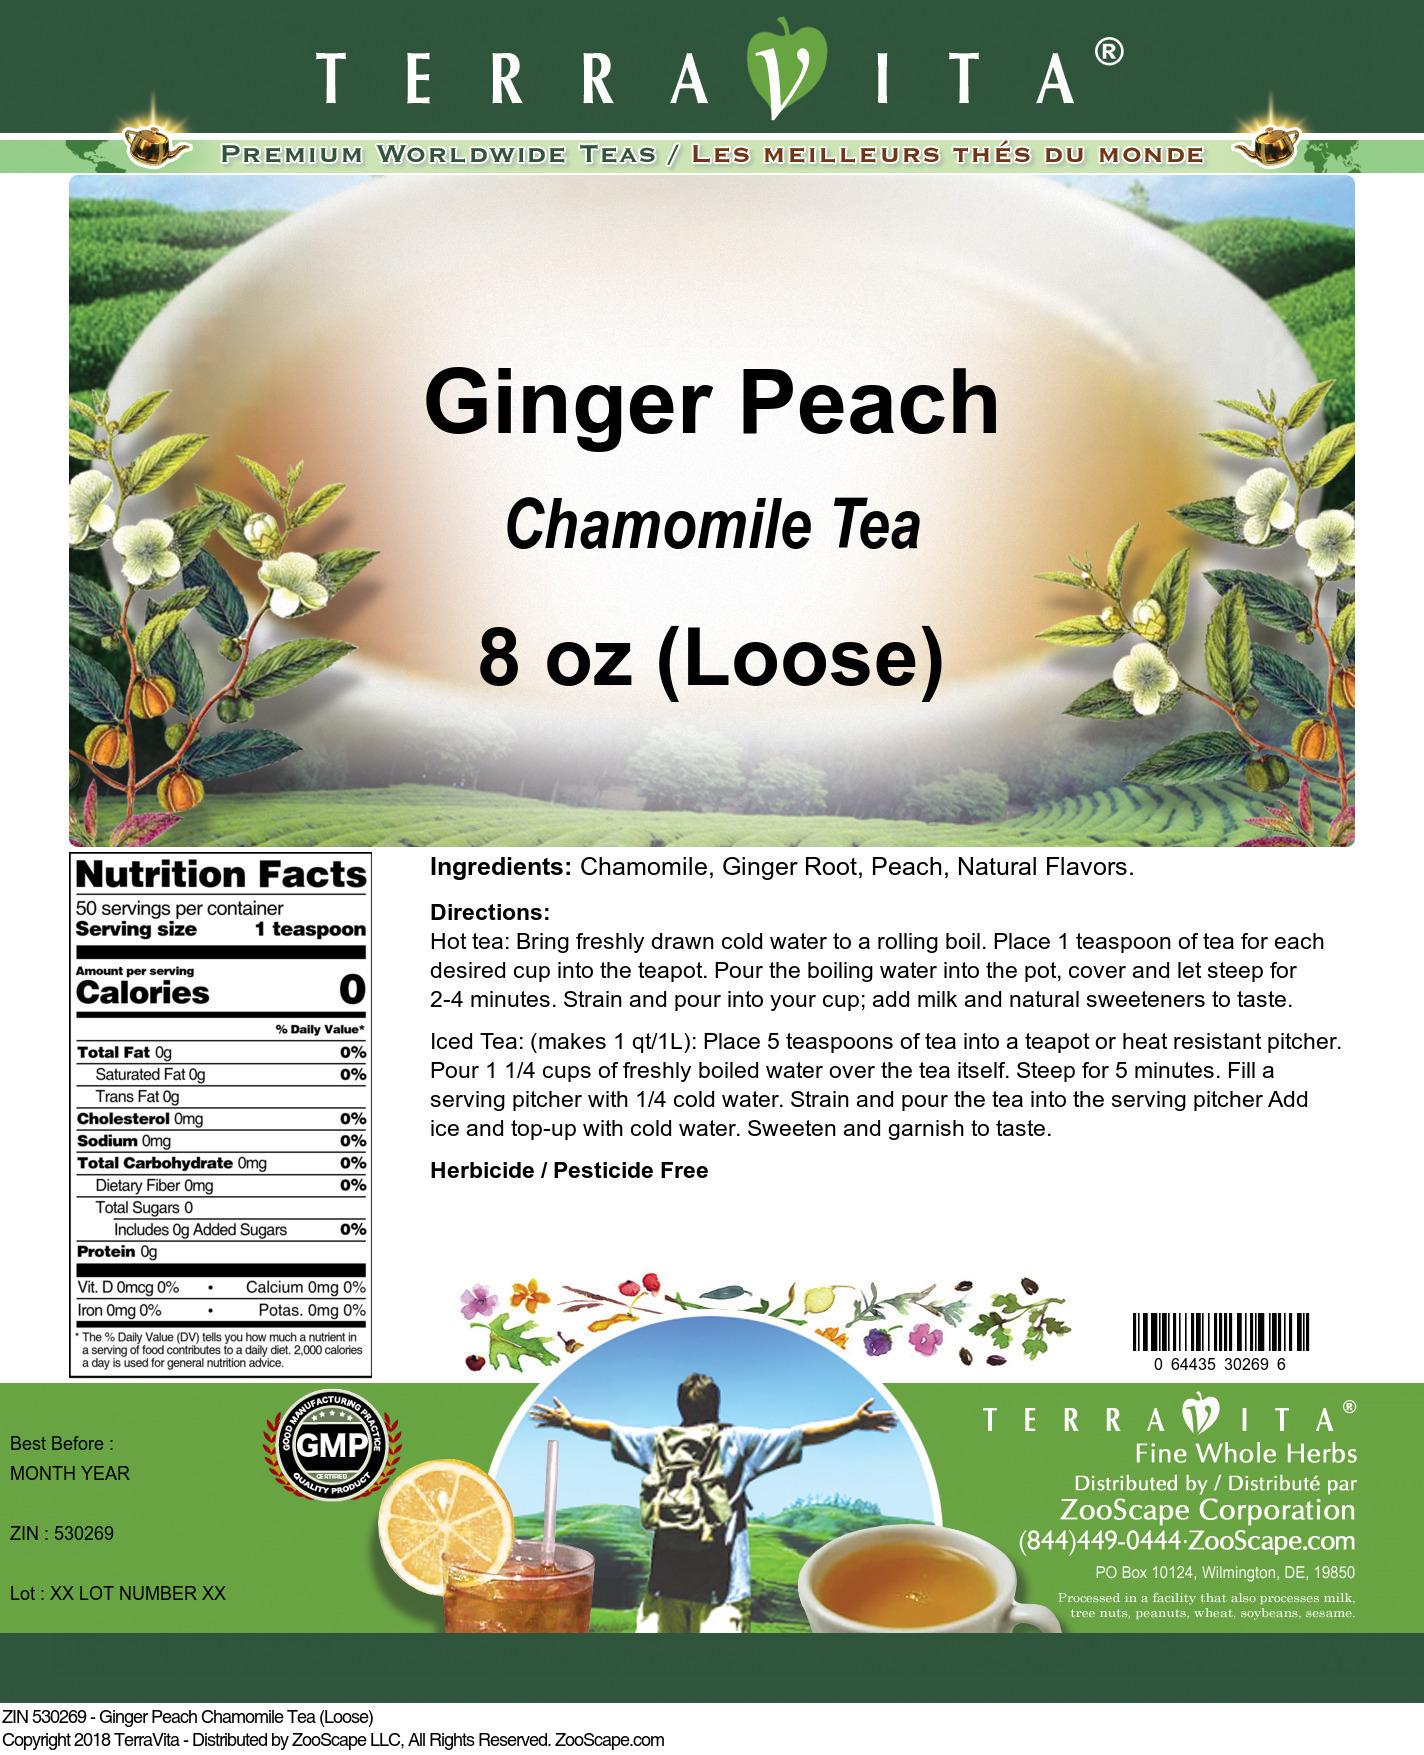 Ginger Peach Chamomile Tea (Loose)